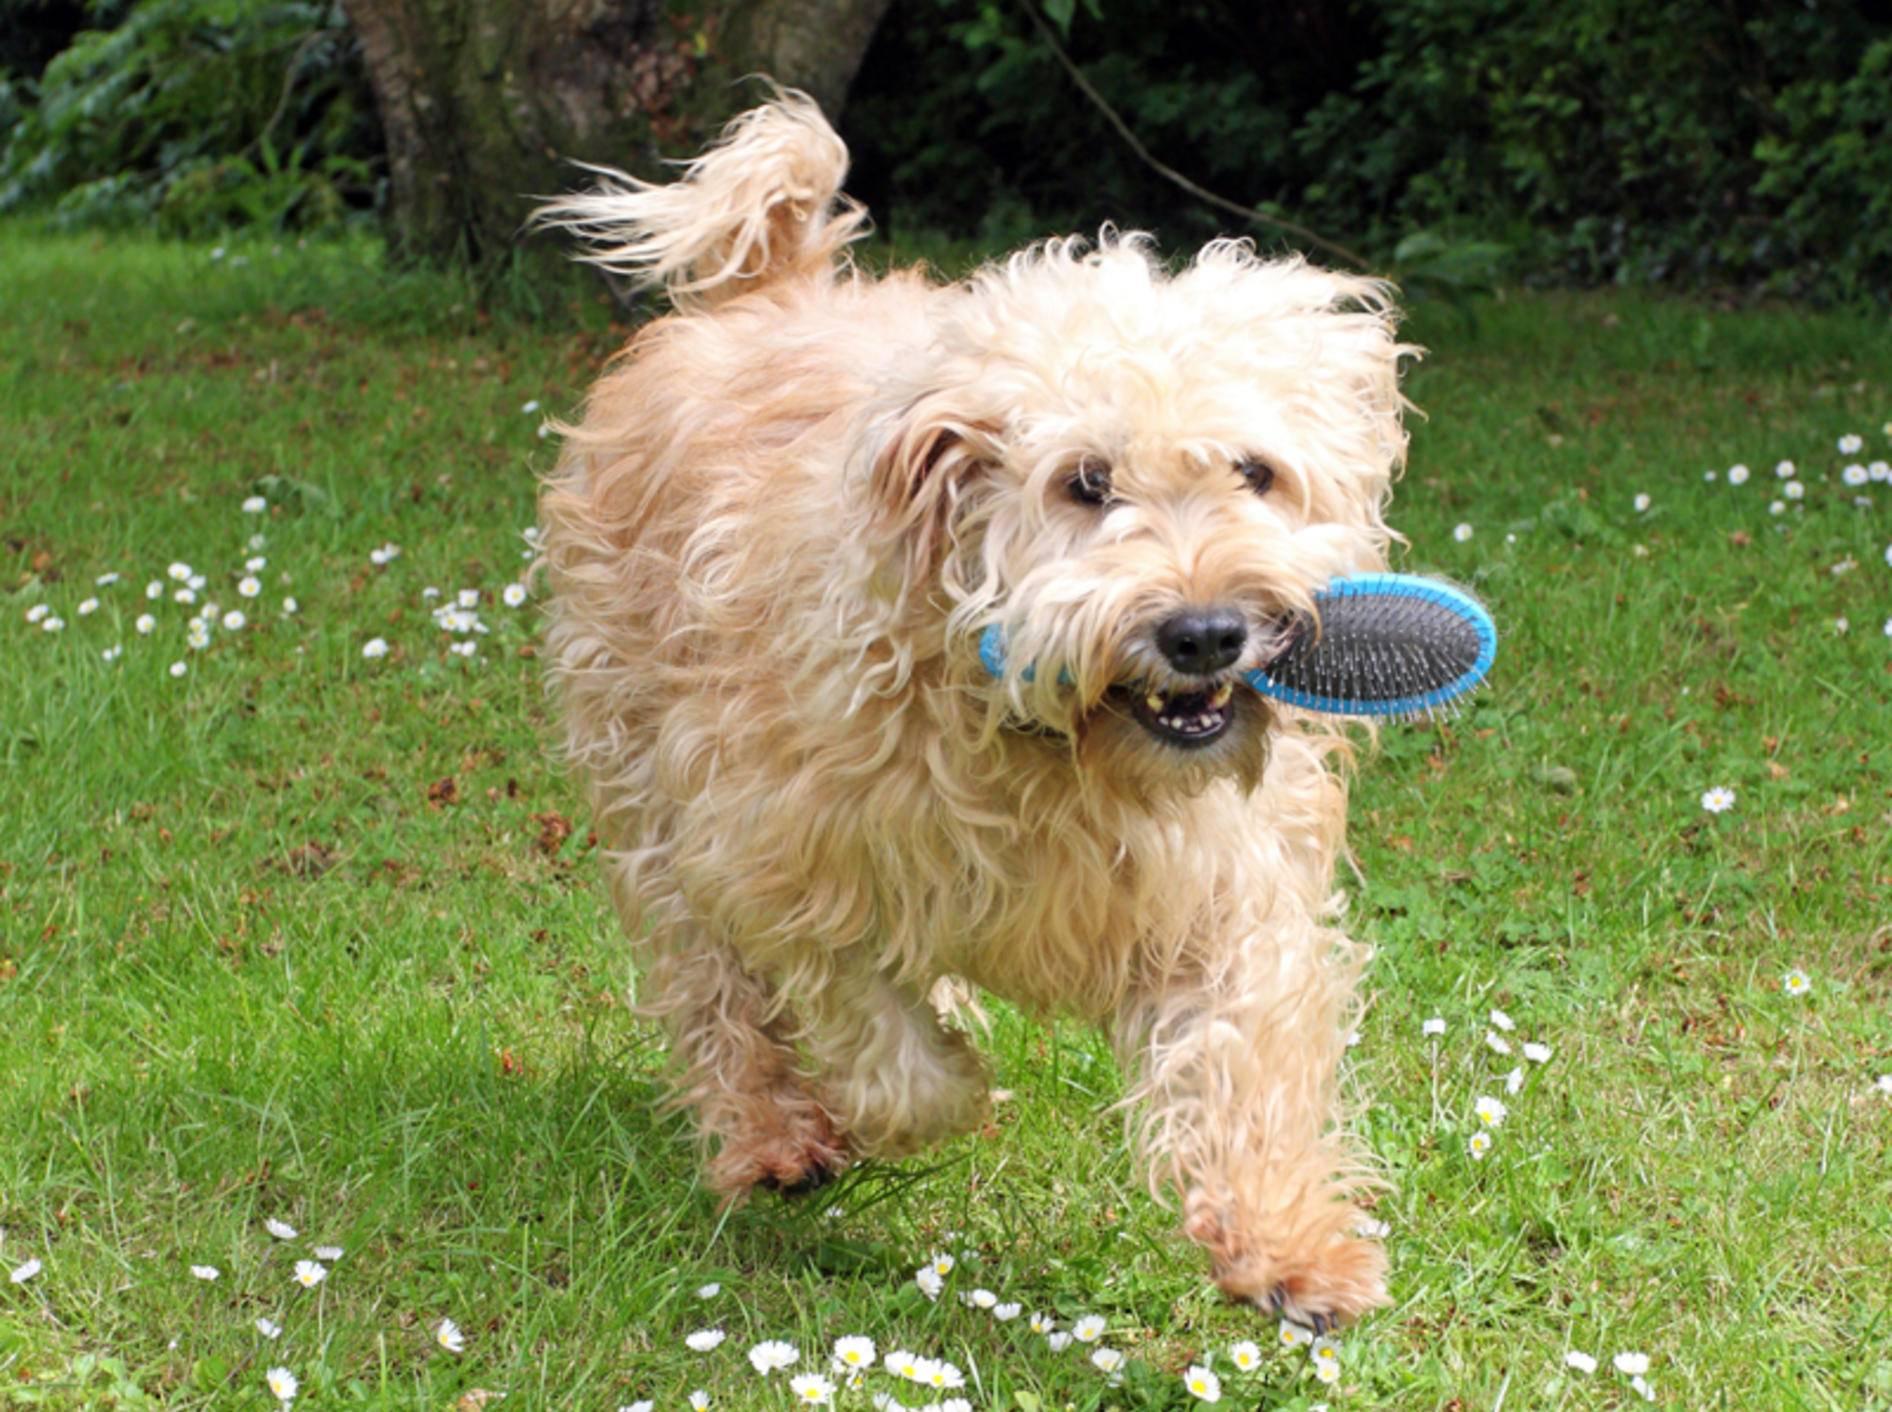 Die besten Hundebürsten zur Fellpflege – Bild: Shutterstock / Denise Allison Coyle